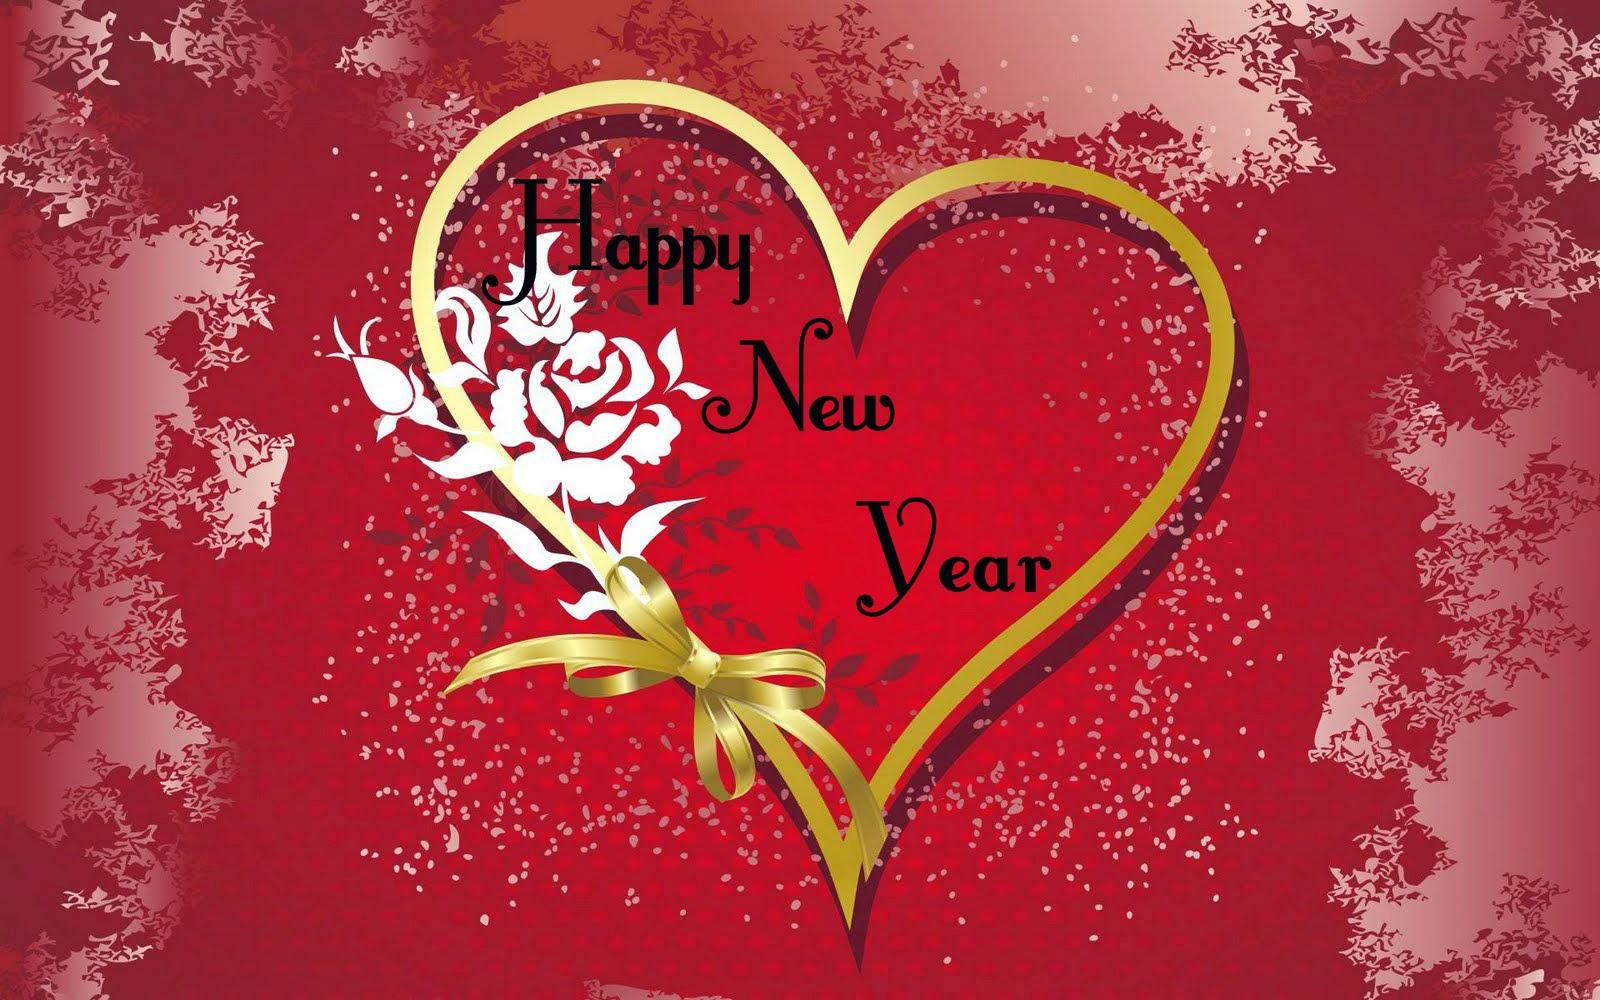 Hình nền chúc mừng năm mới 2016 - ảnh 4